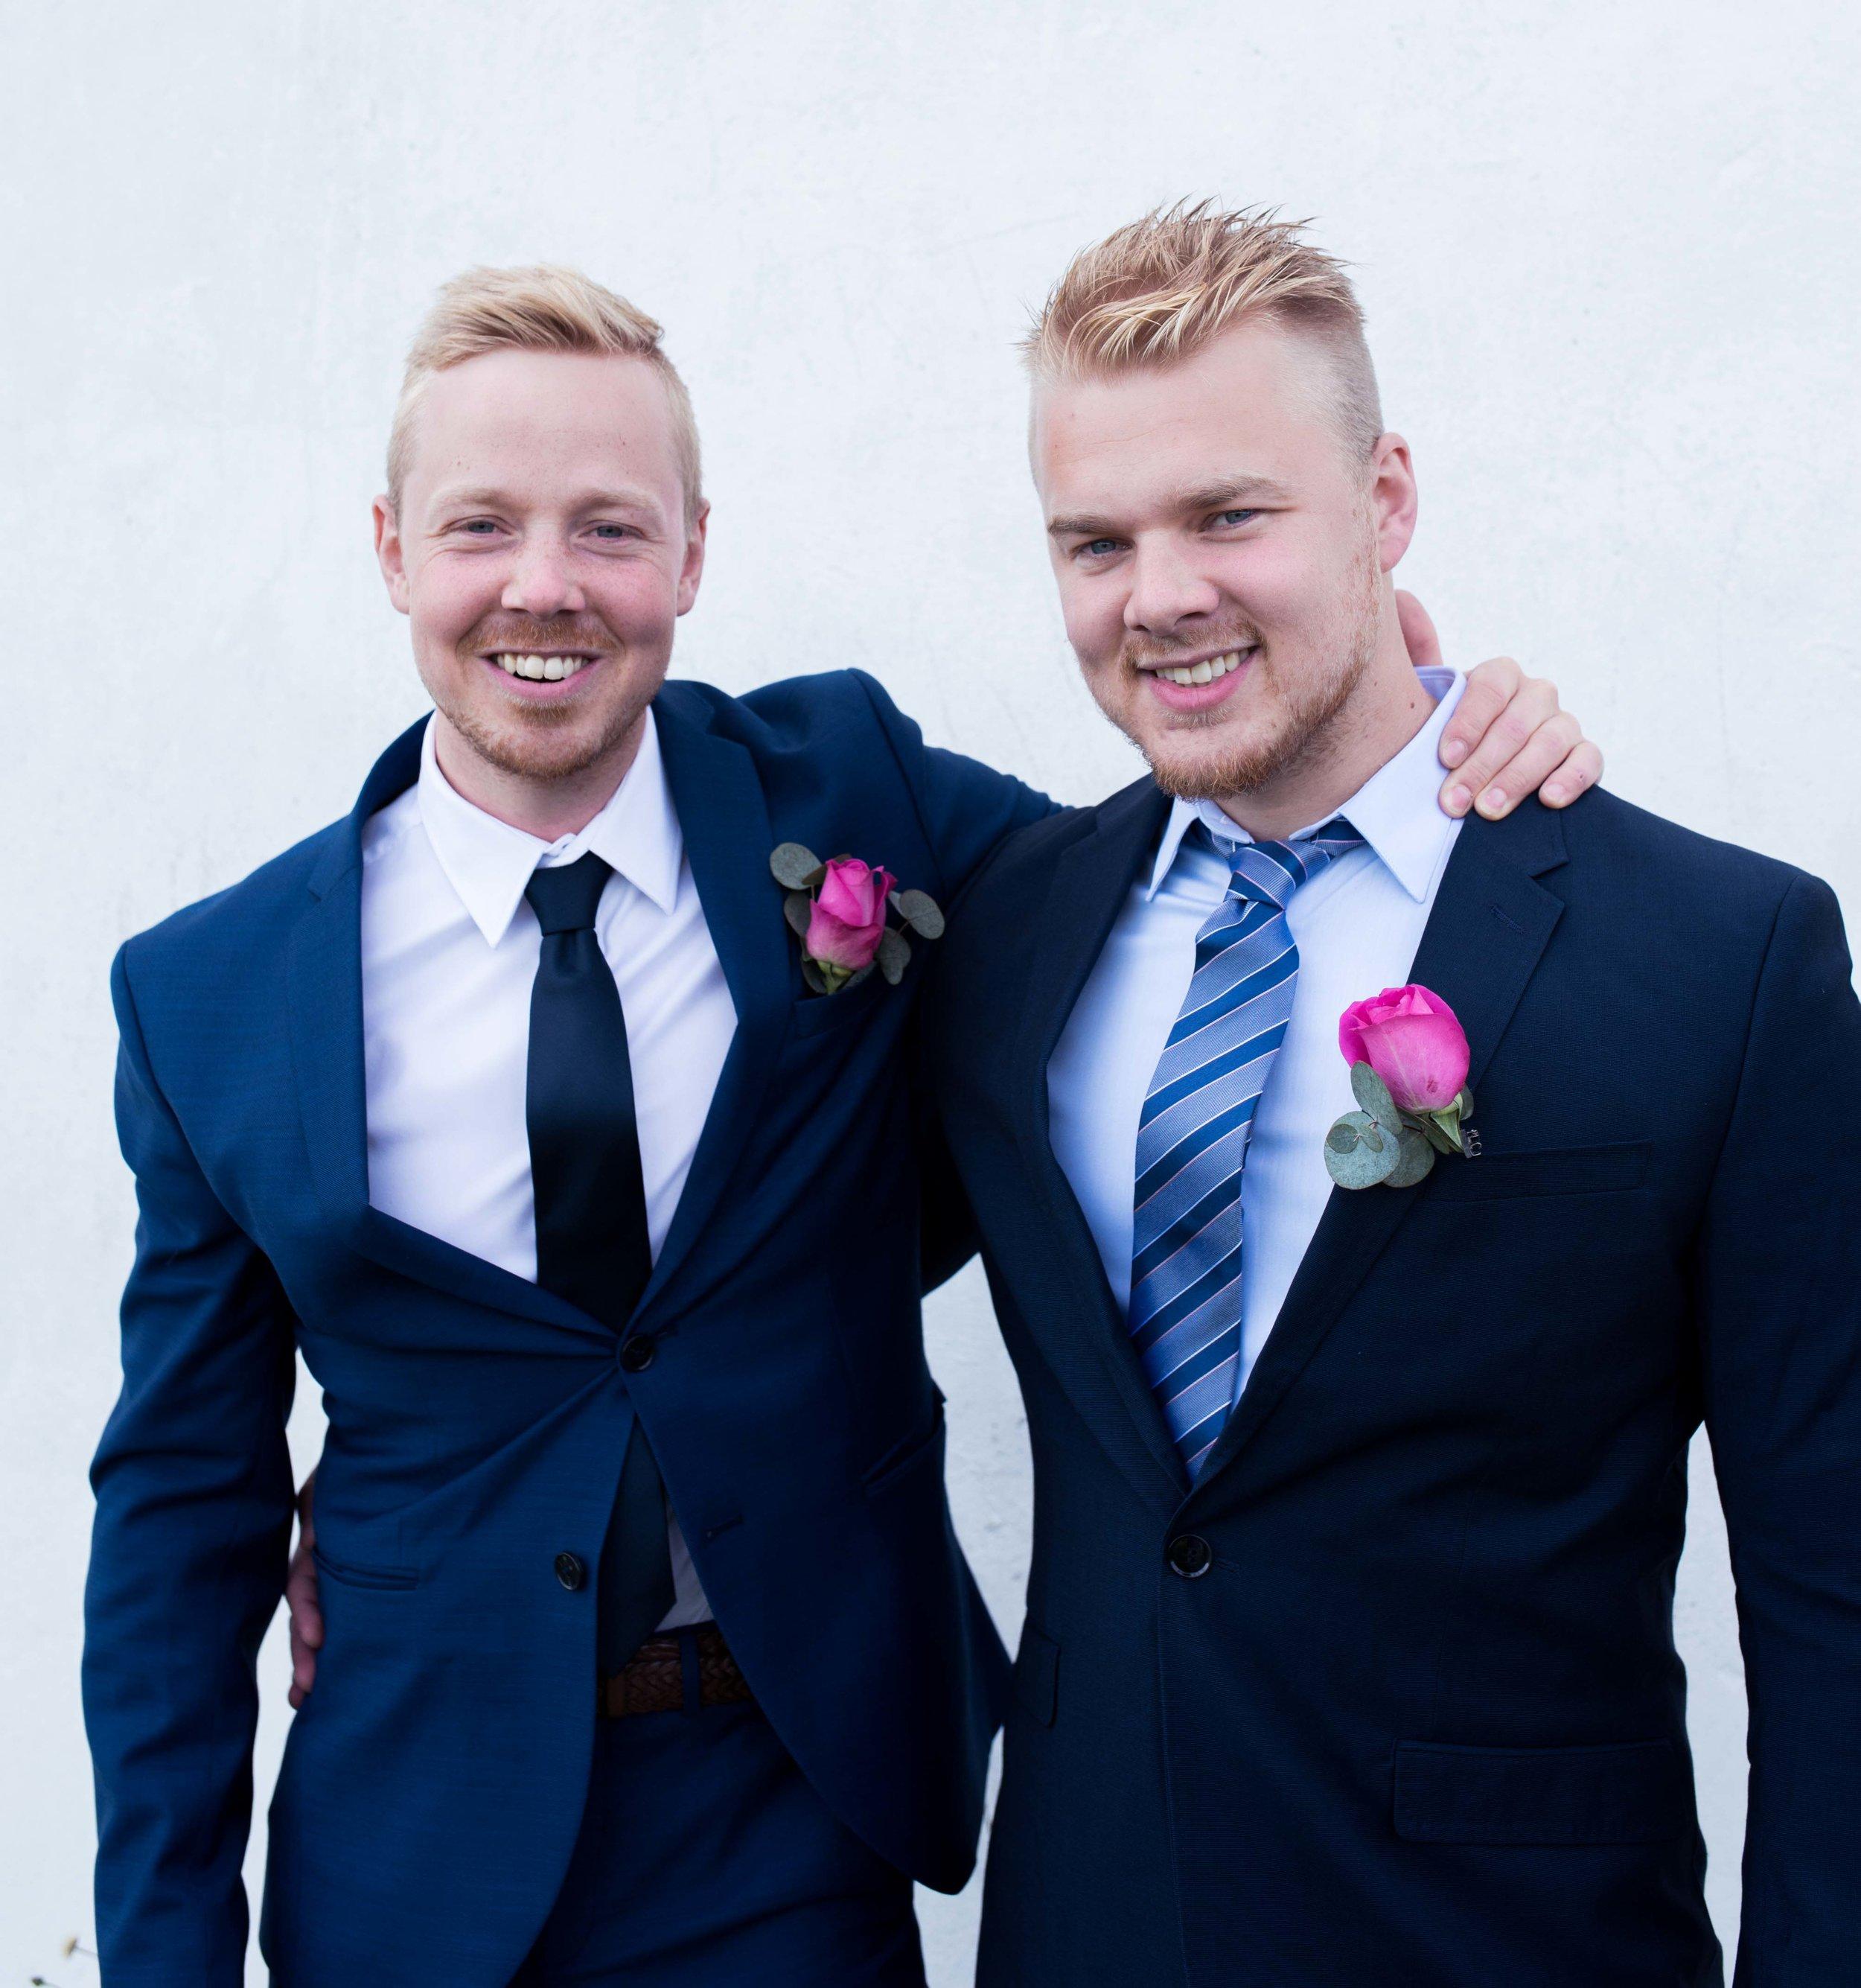 Bröllop2019lågkvall-5143.jpg